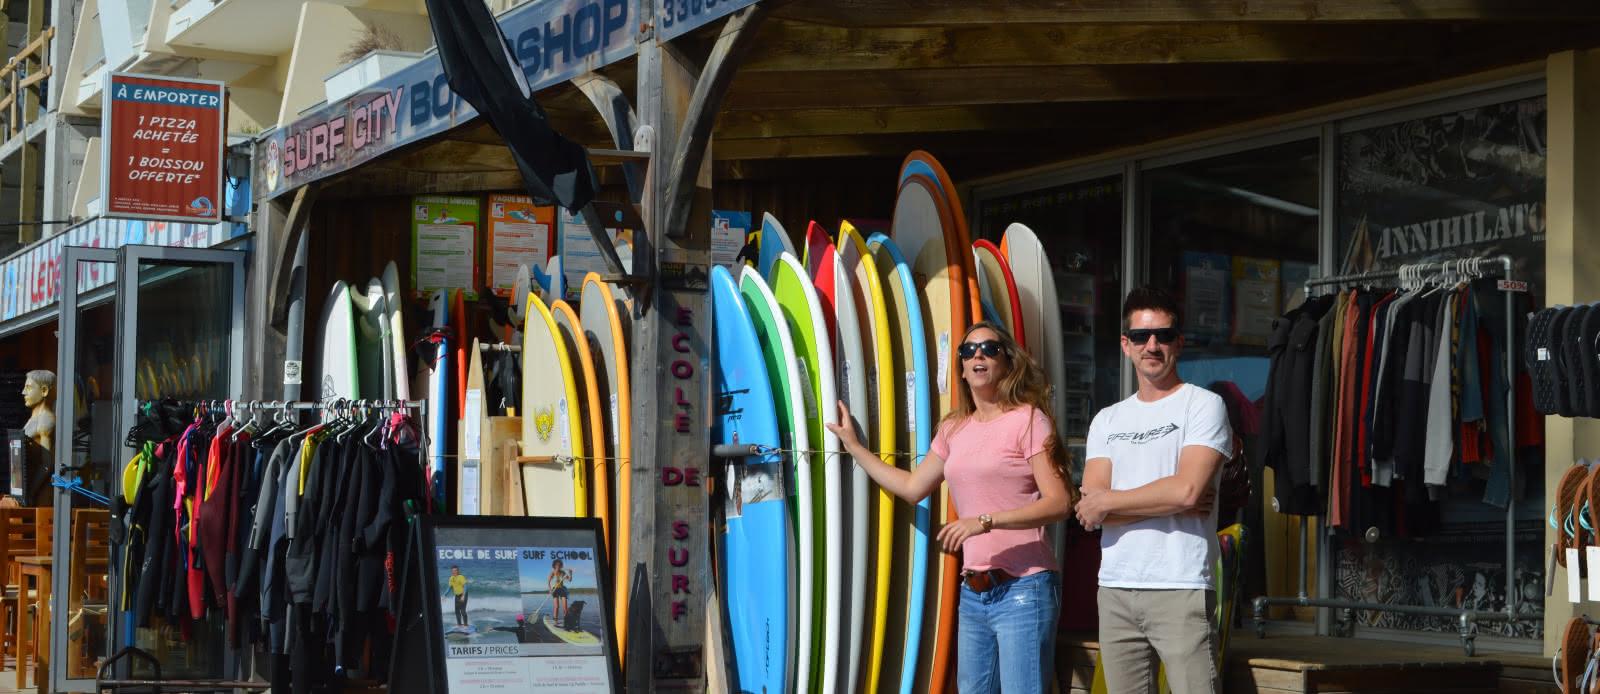 Commerces Lacanau Surf City